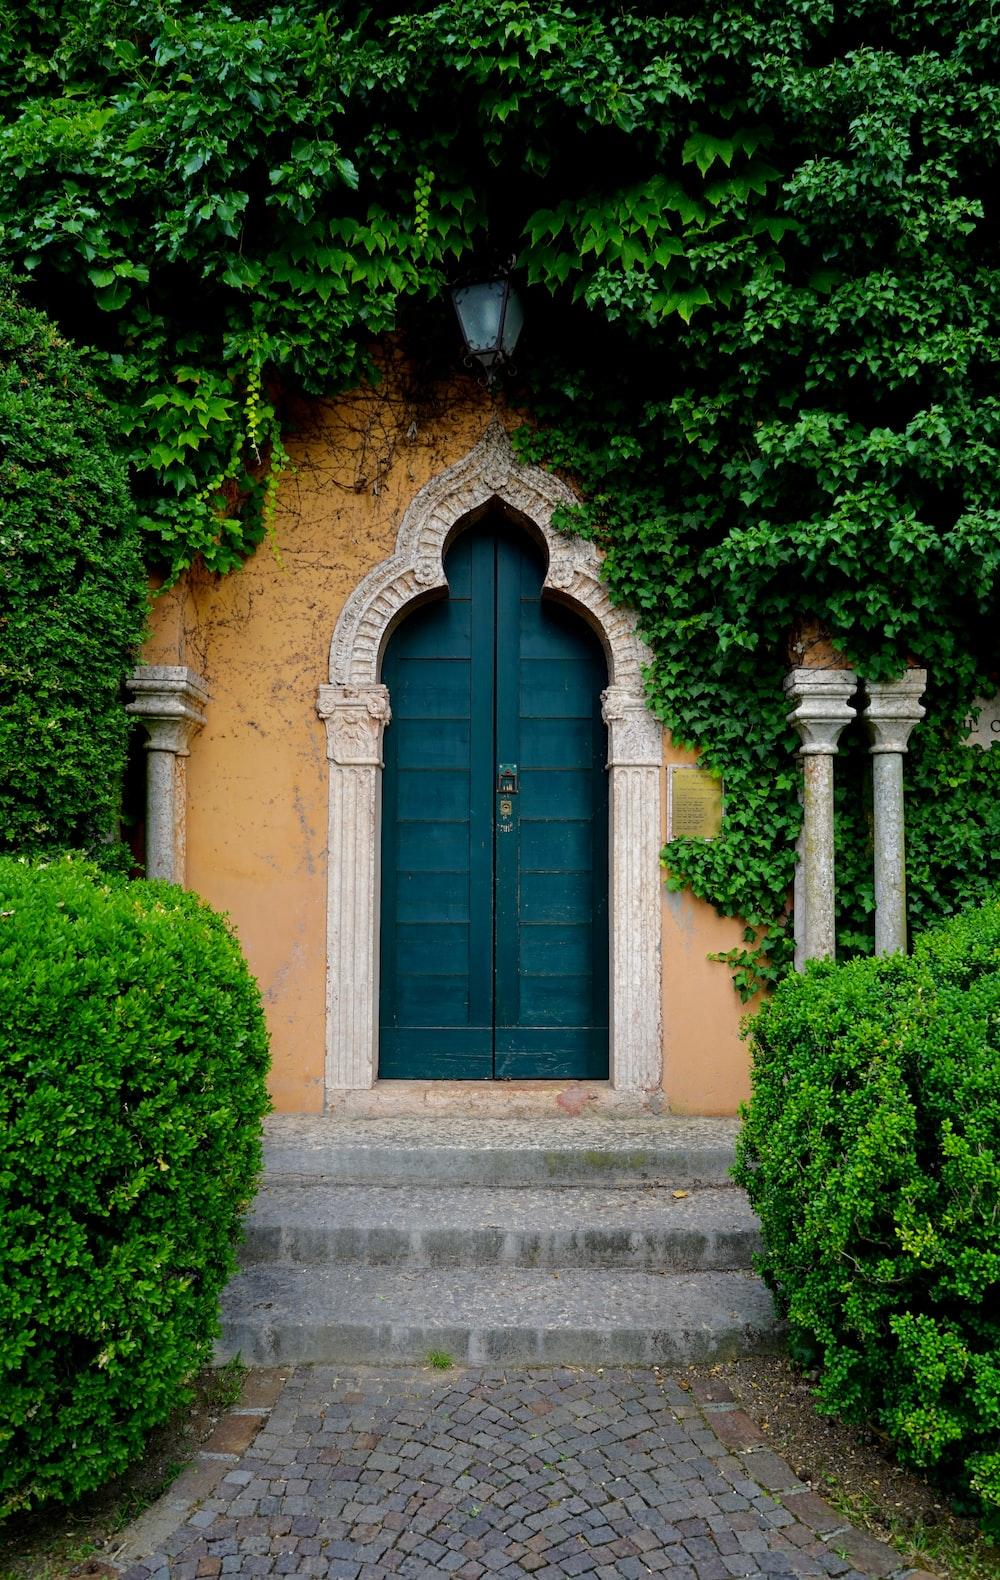 closed green wooden door